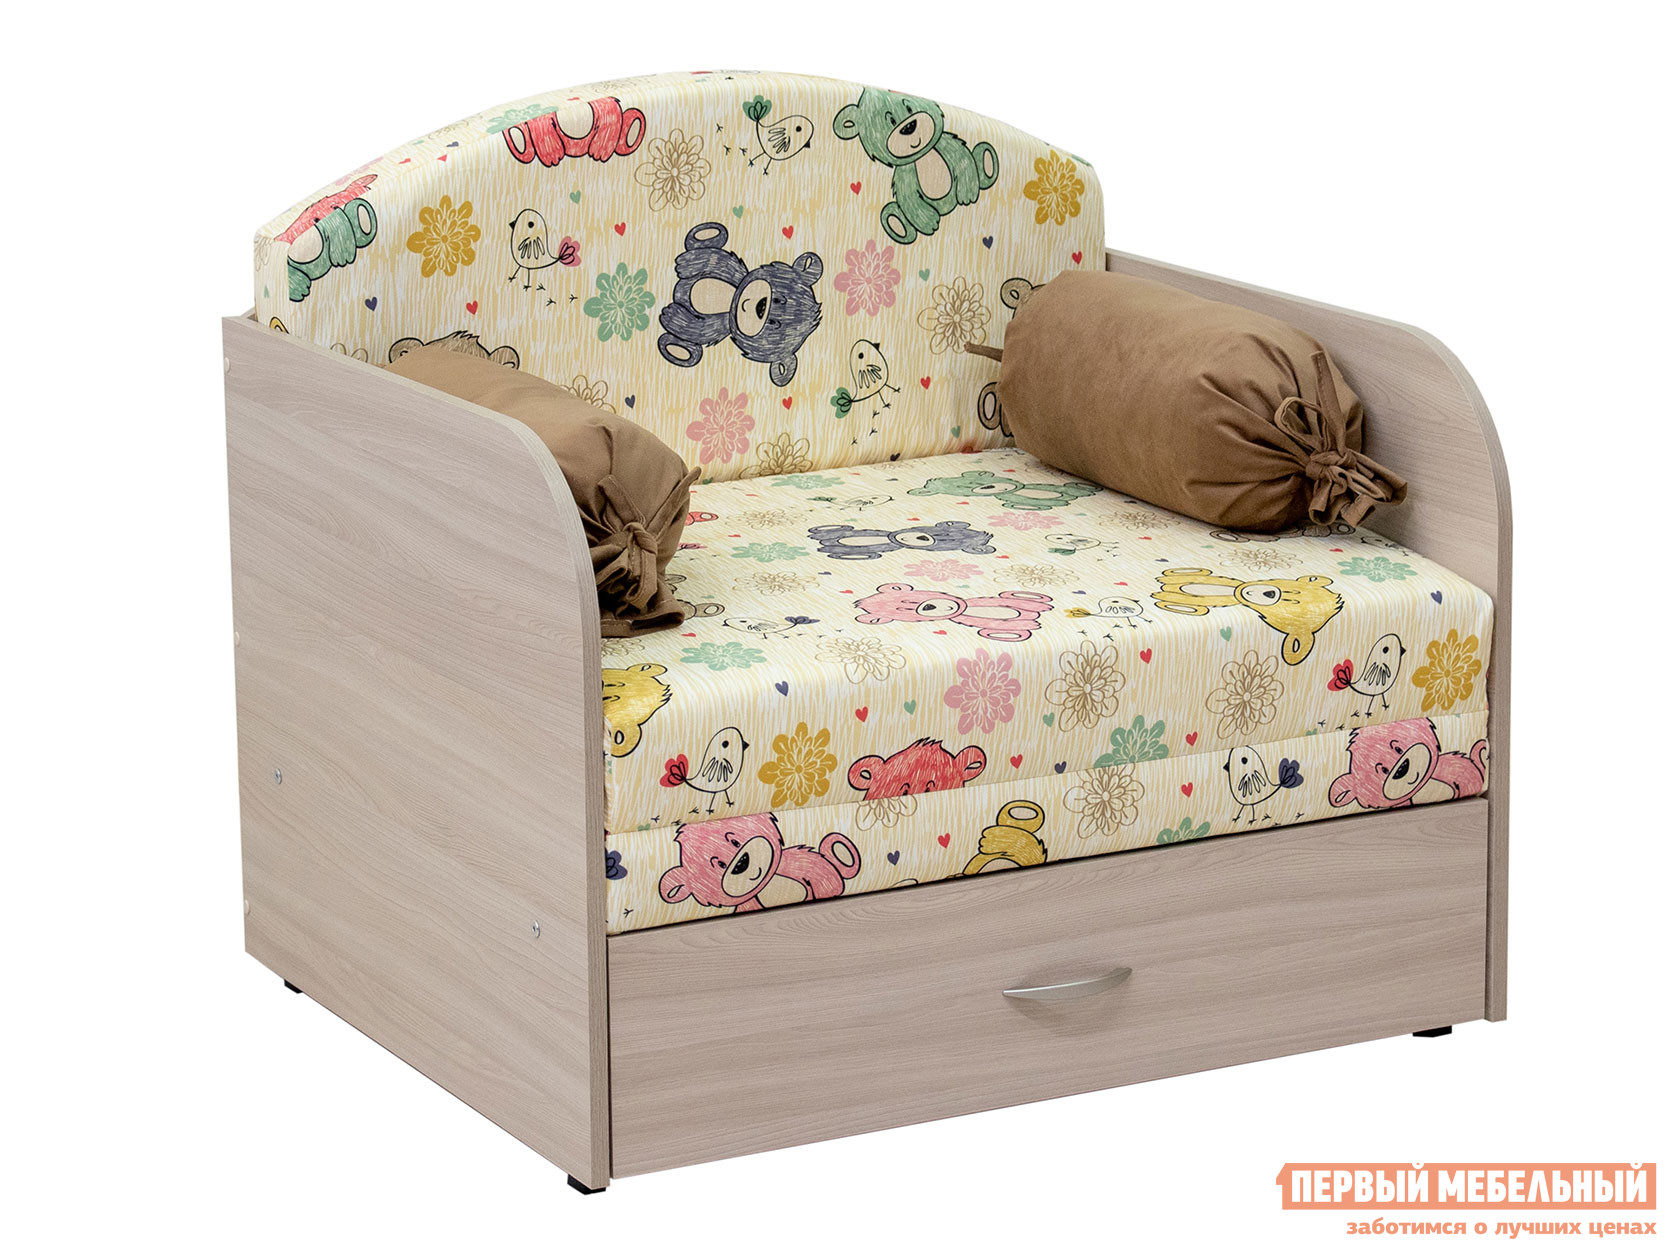 Кресло  Кресло-кровать Антошка 1 Мишутка, велюр — Кресло-кровать Антошка 1 Мишутка, велюр